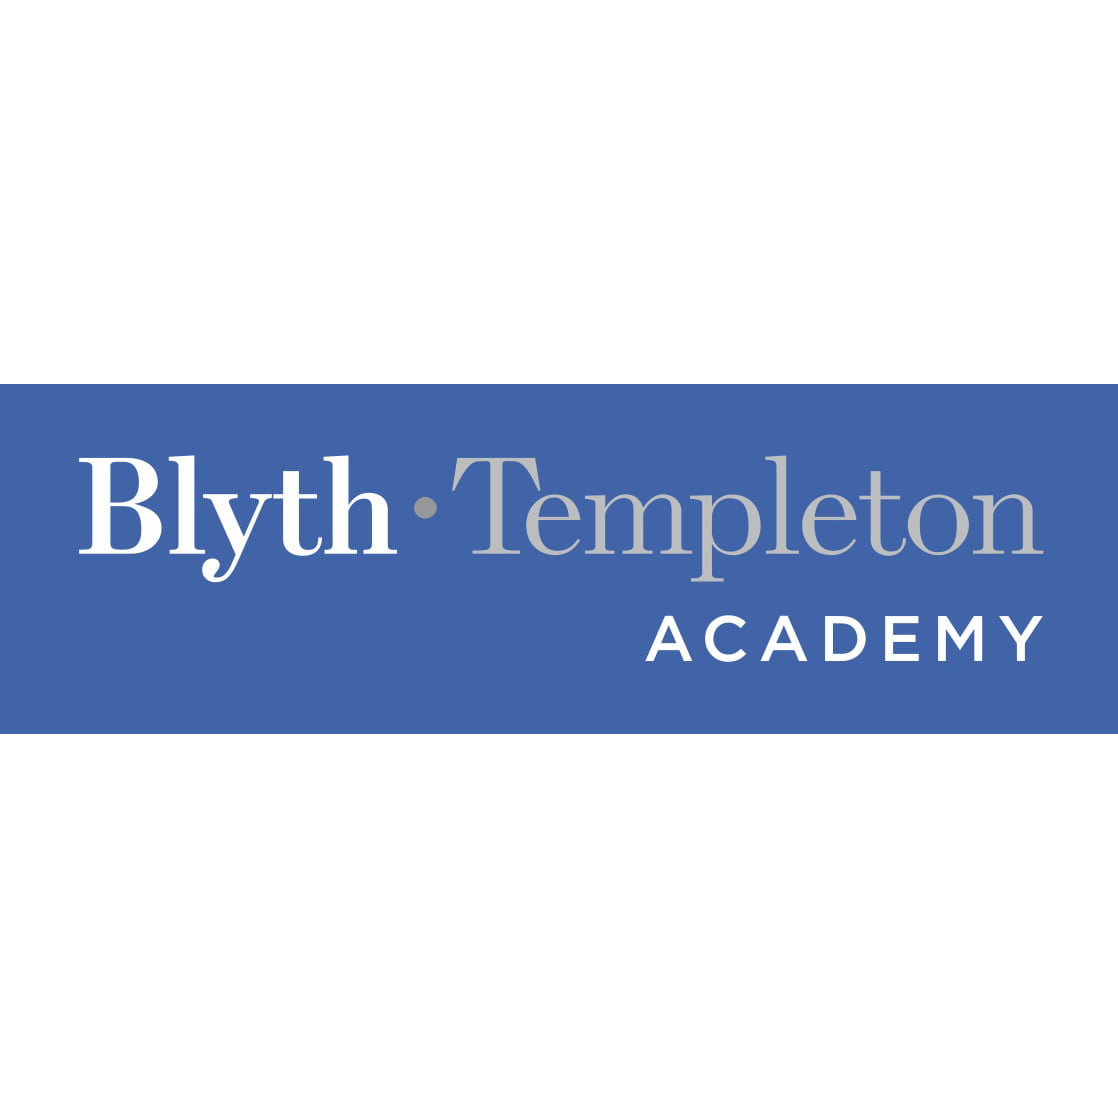 Blyth-Templeton Academy